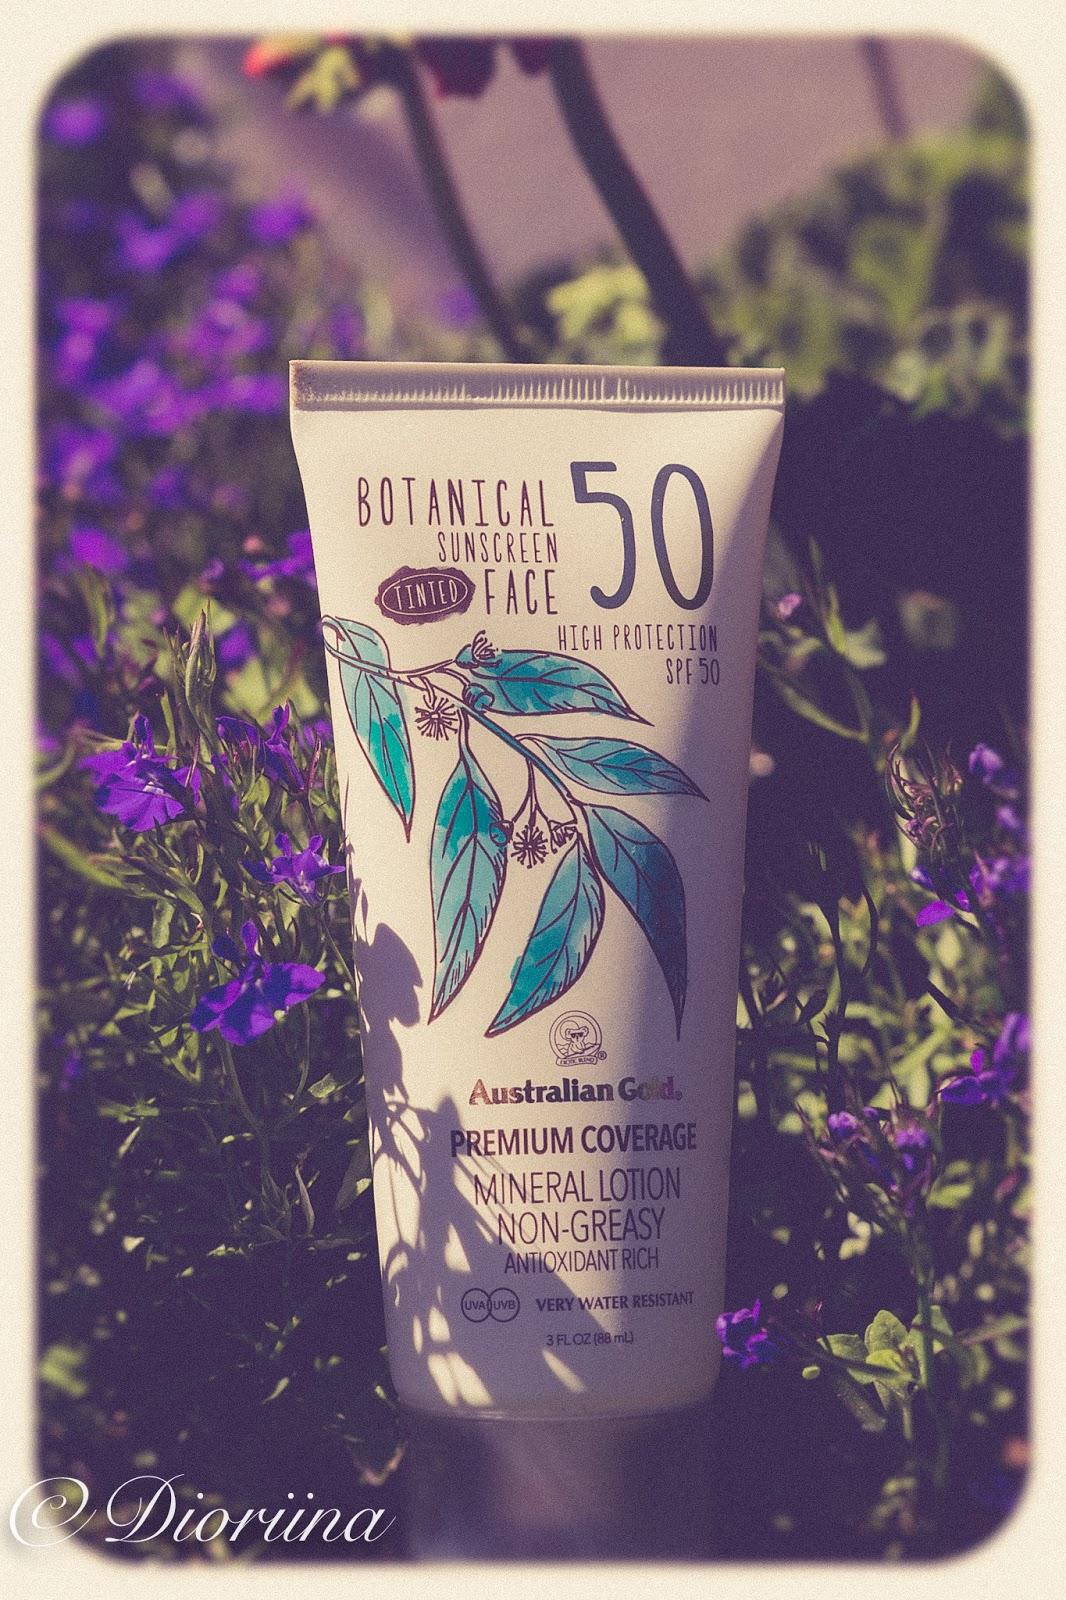 Botanical tinted face sunscreen